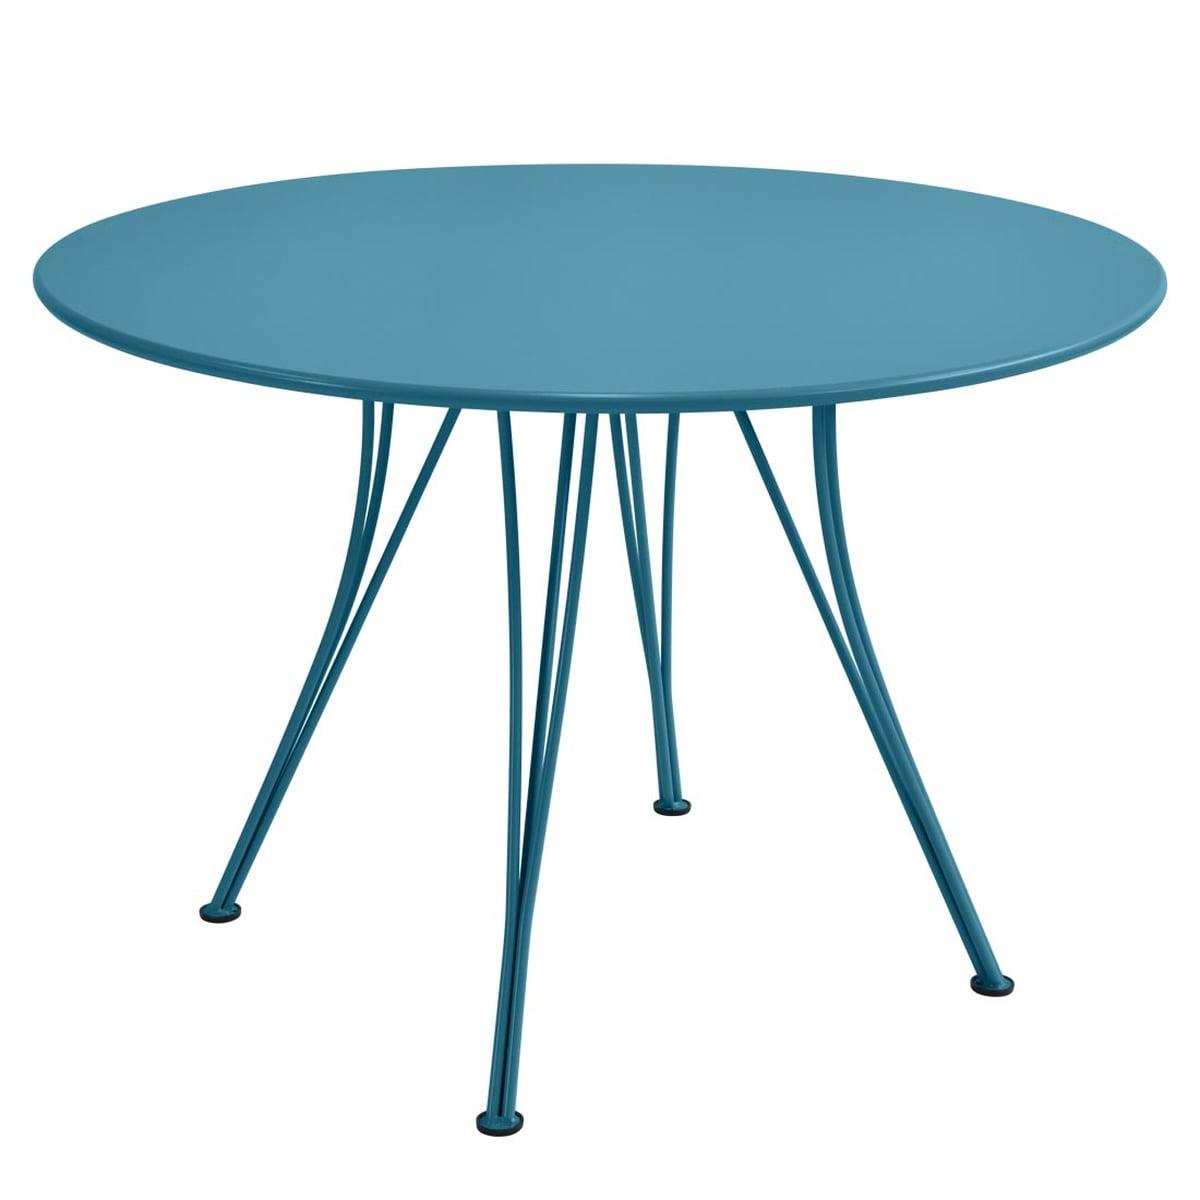 Gartentisch 110.Fermob Rendez Vous Table Round ø 110cm Turquoise